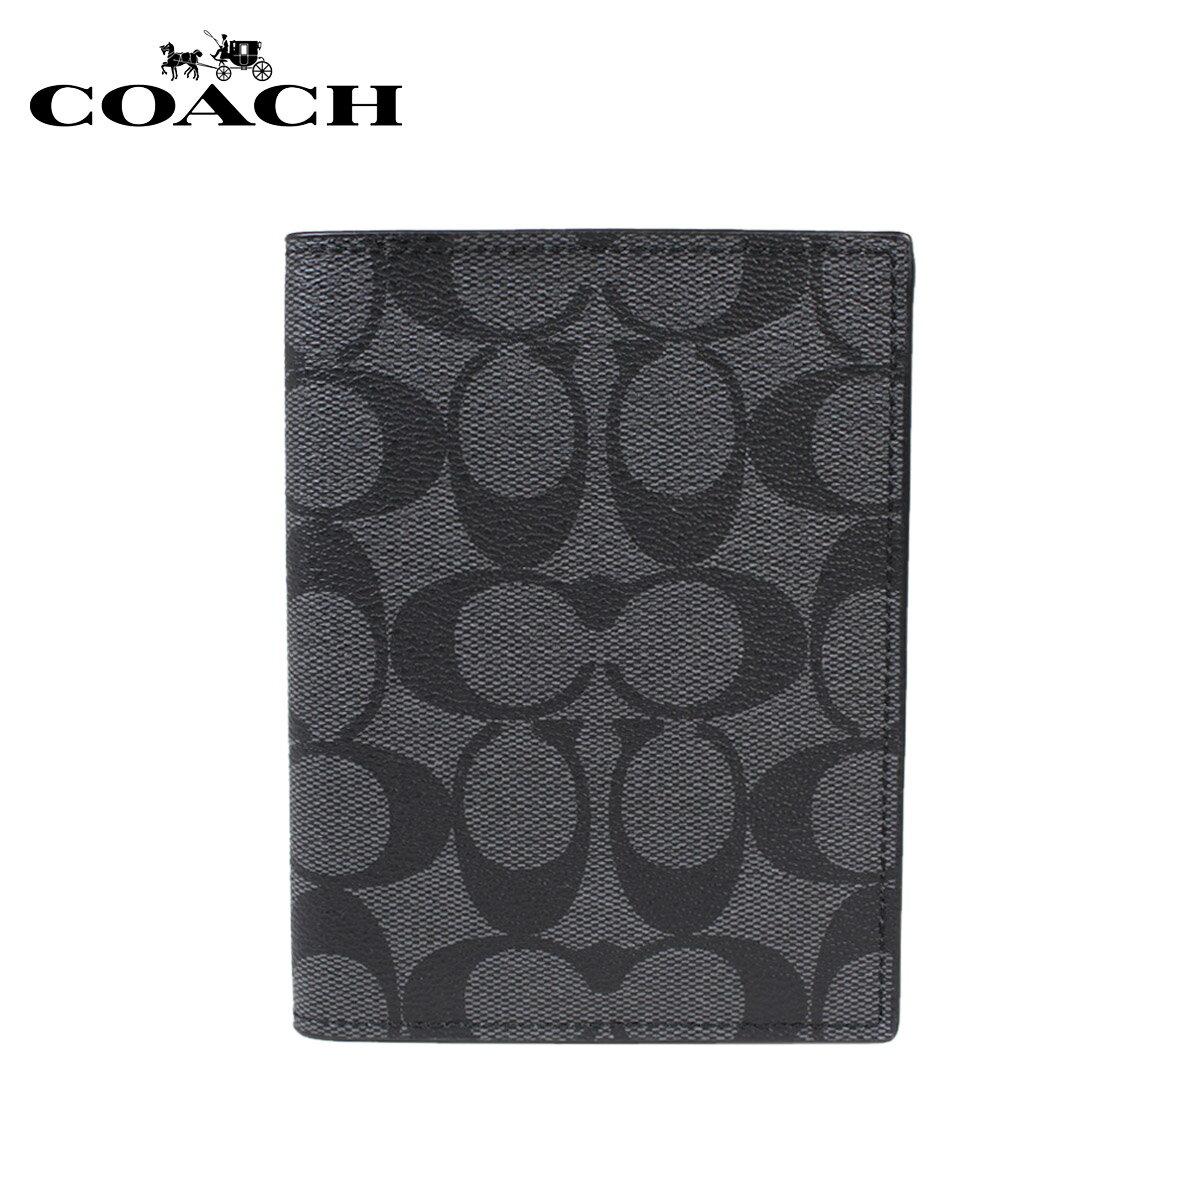 [SOLD OUT] コーチ COACH パスポートケース パスポートカバー F93518 チャコール ブラック レディース  初回交換 送料無料  コーチ アウトレット COACH 正規  通販